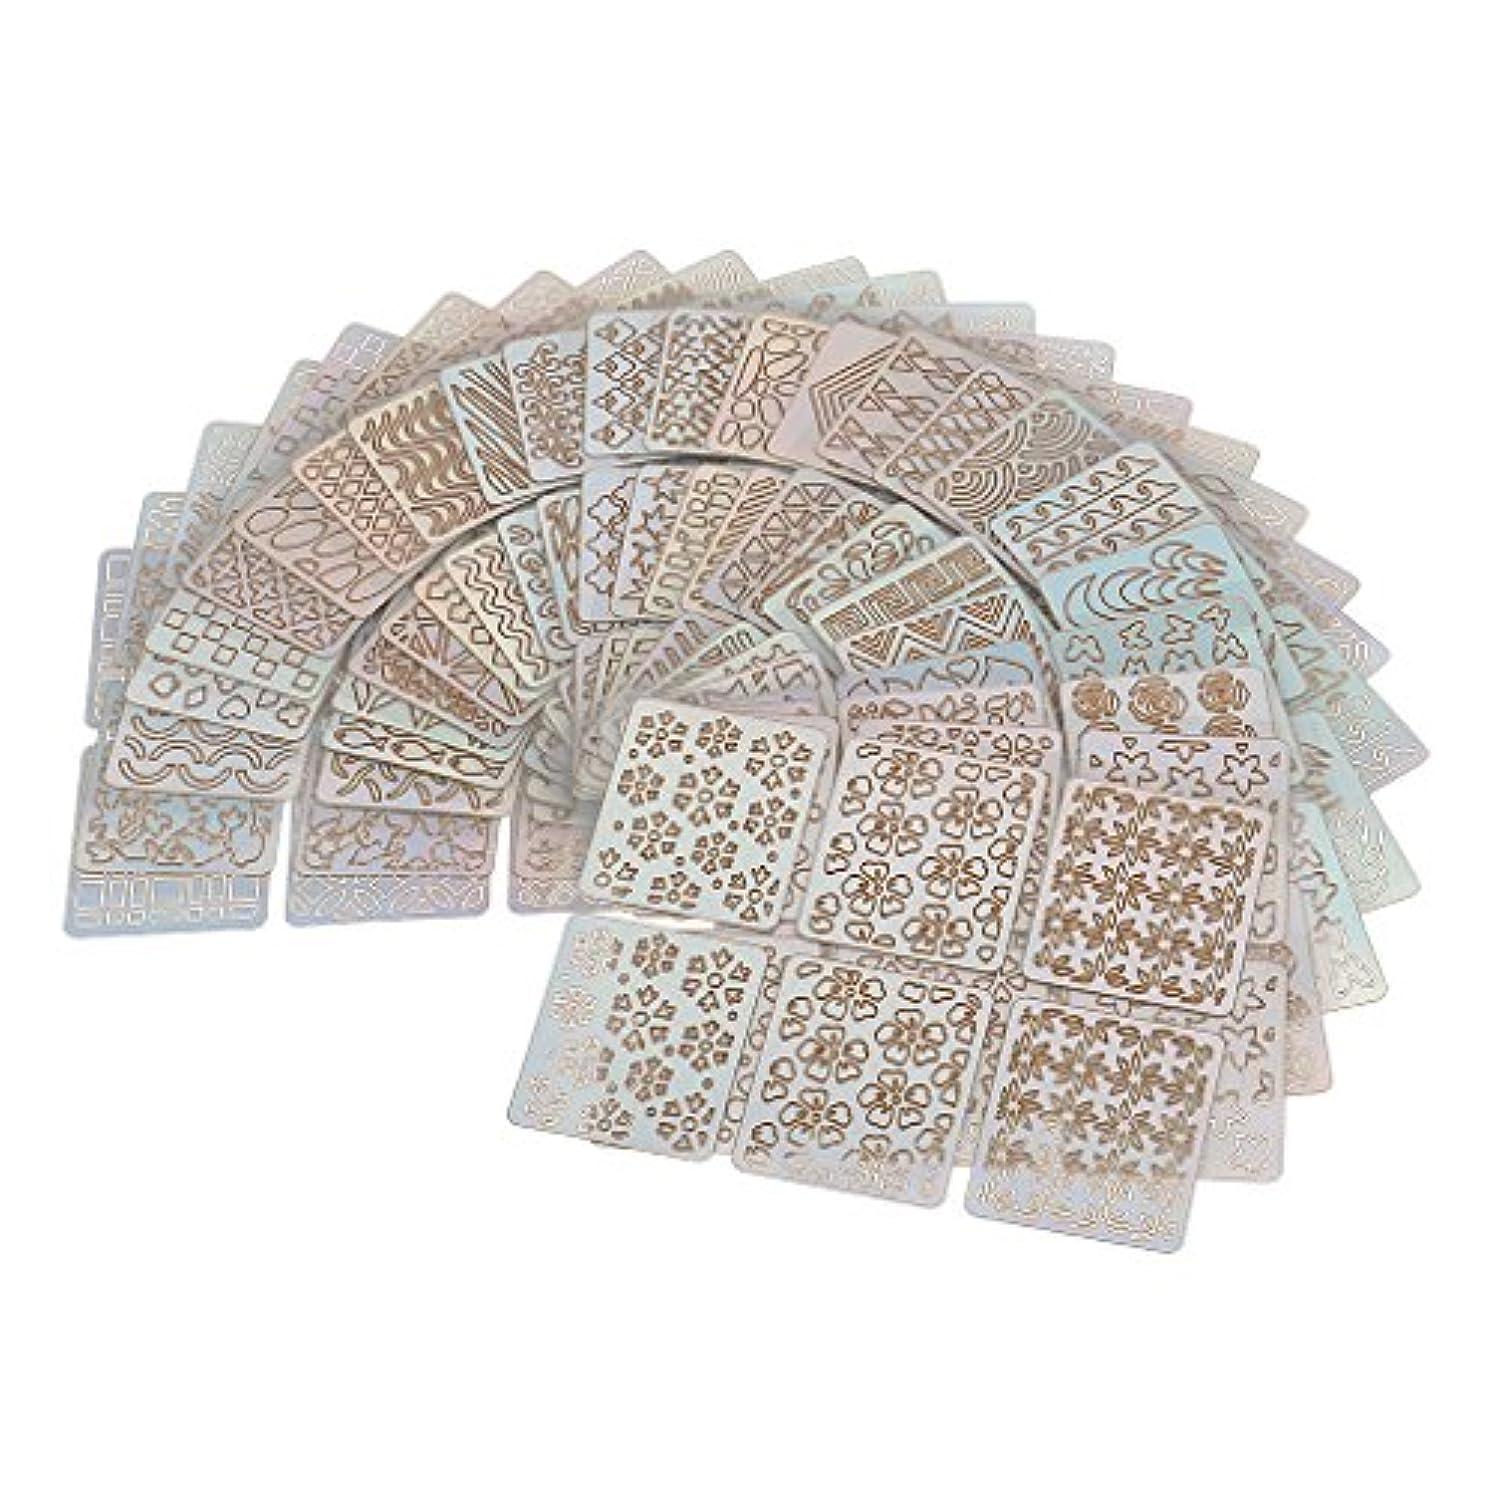 スパン資本主義美容師24個 ネイルアート チップ テープ ガイド ステンシル 中空 ステッカー マニキュア DIY ツール おしゃれ